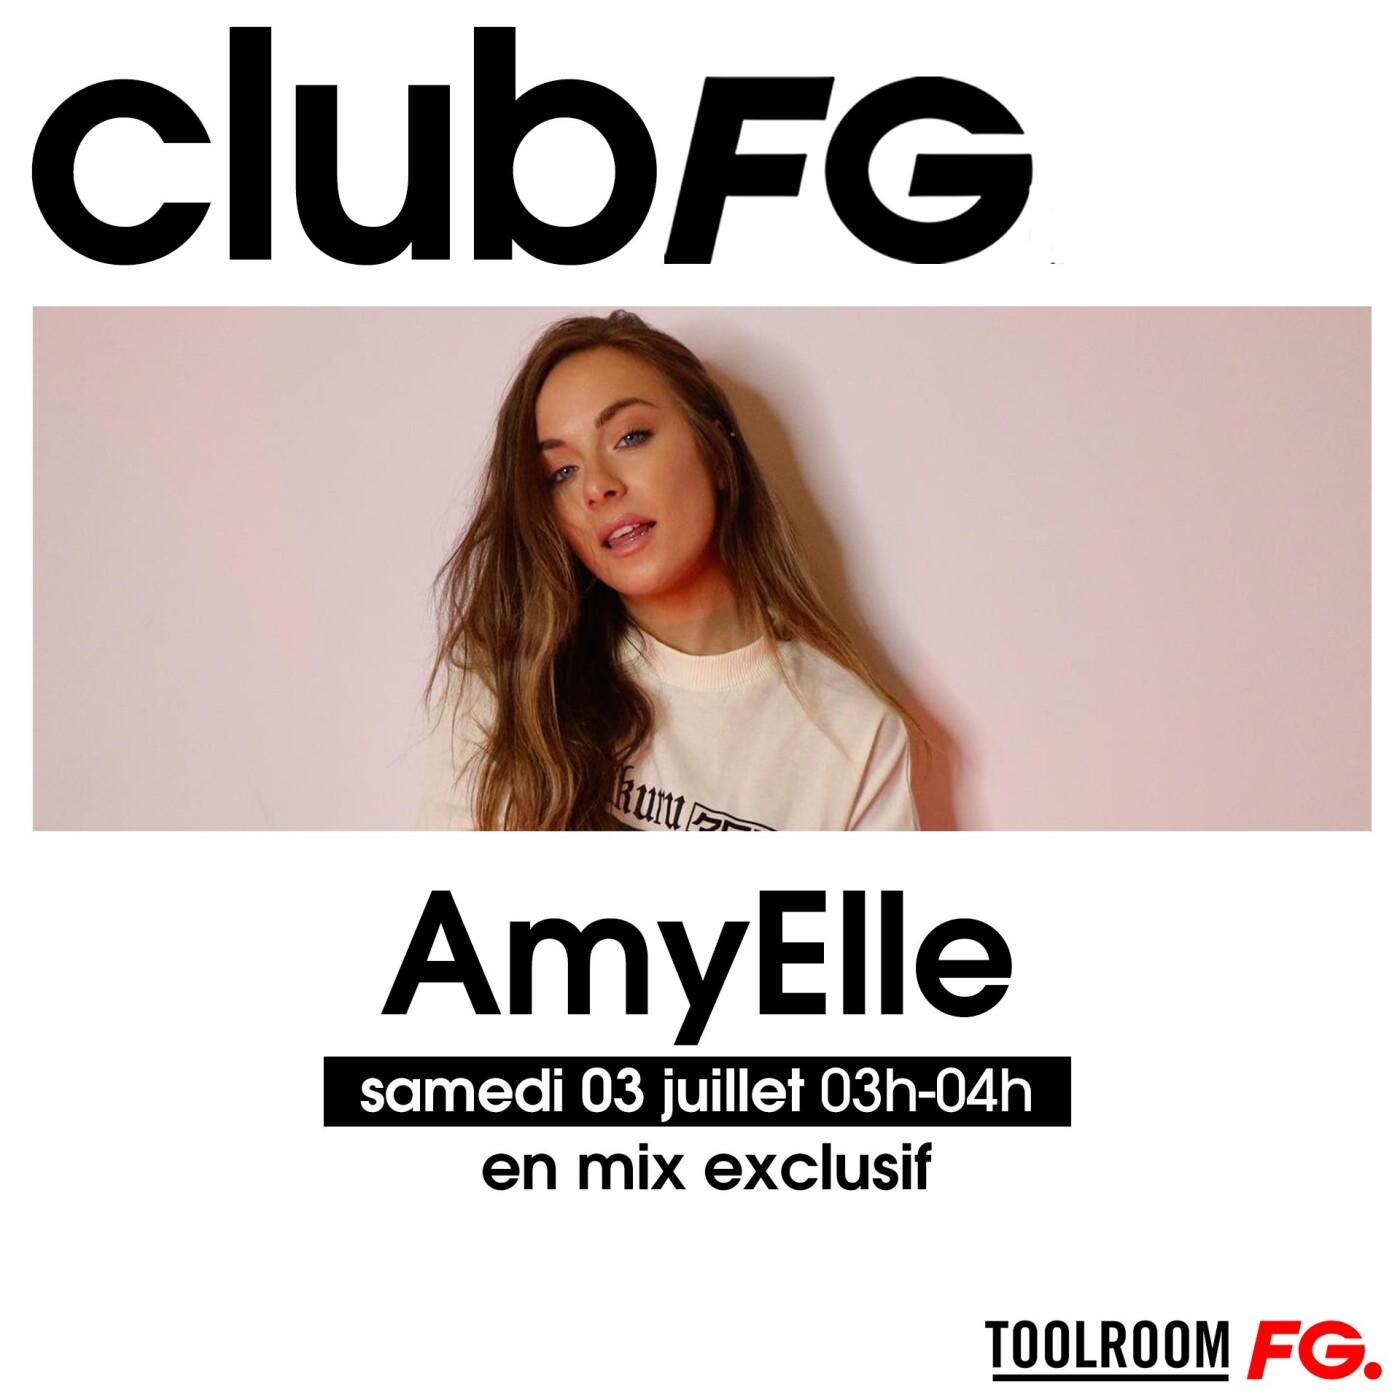 CLUB FG : AMYELLE